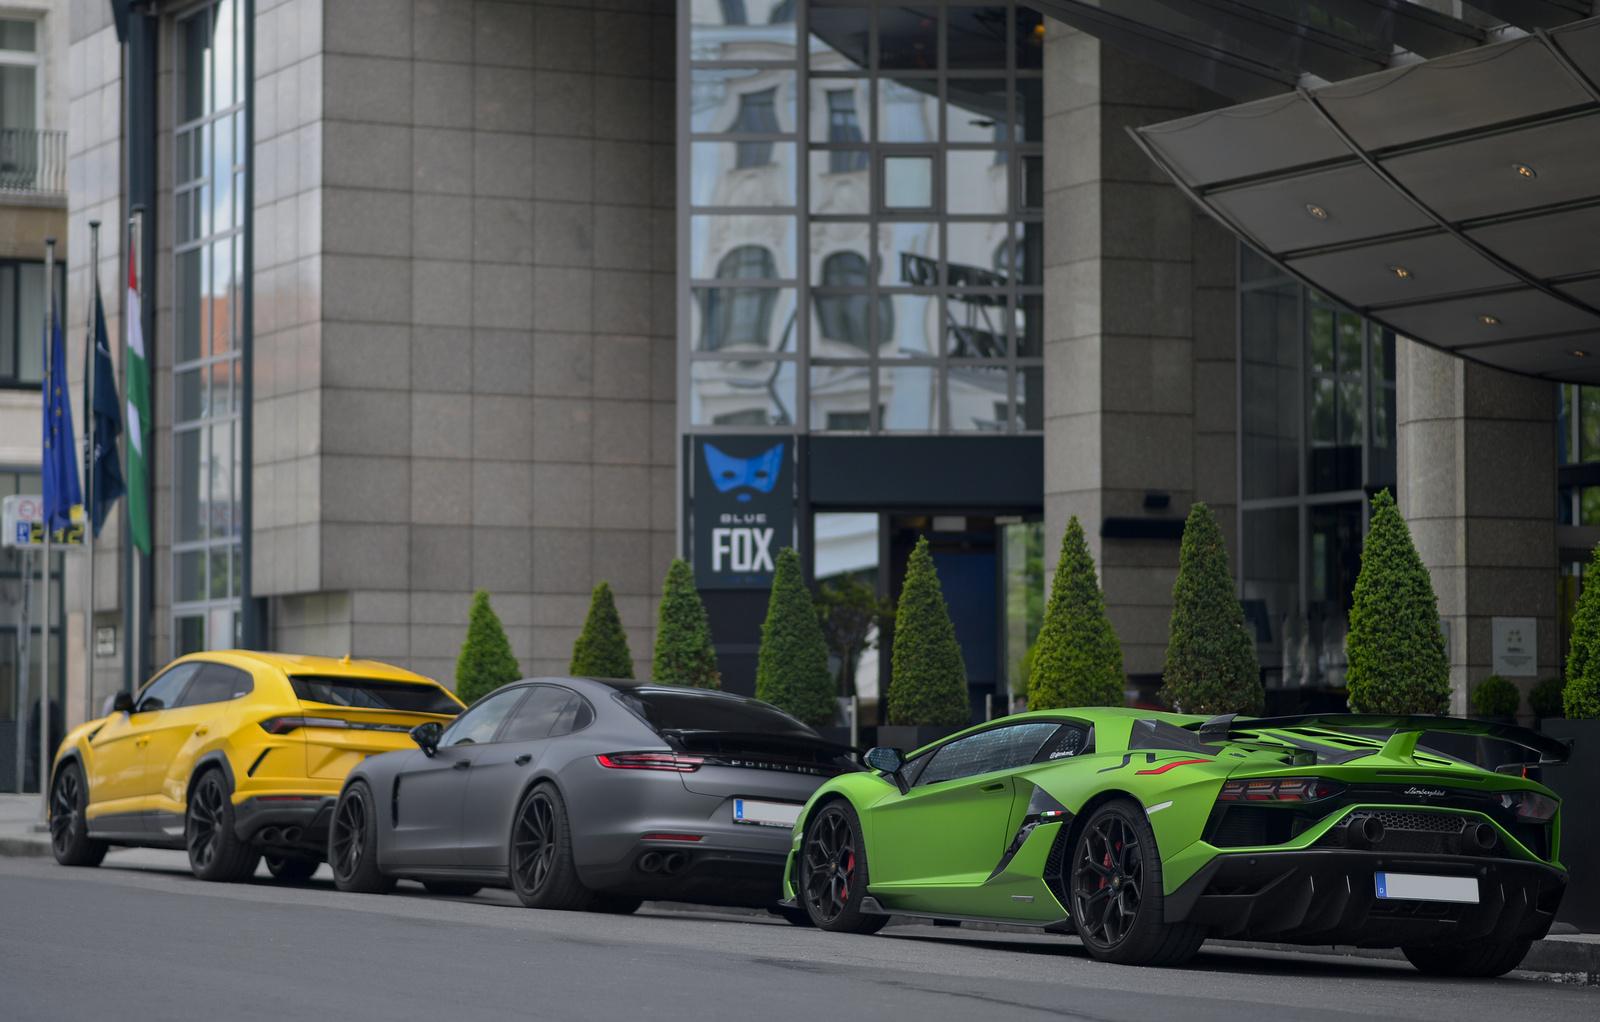 Lamborghini - Porsche - Lamborghini